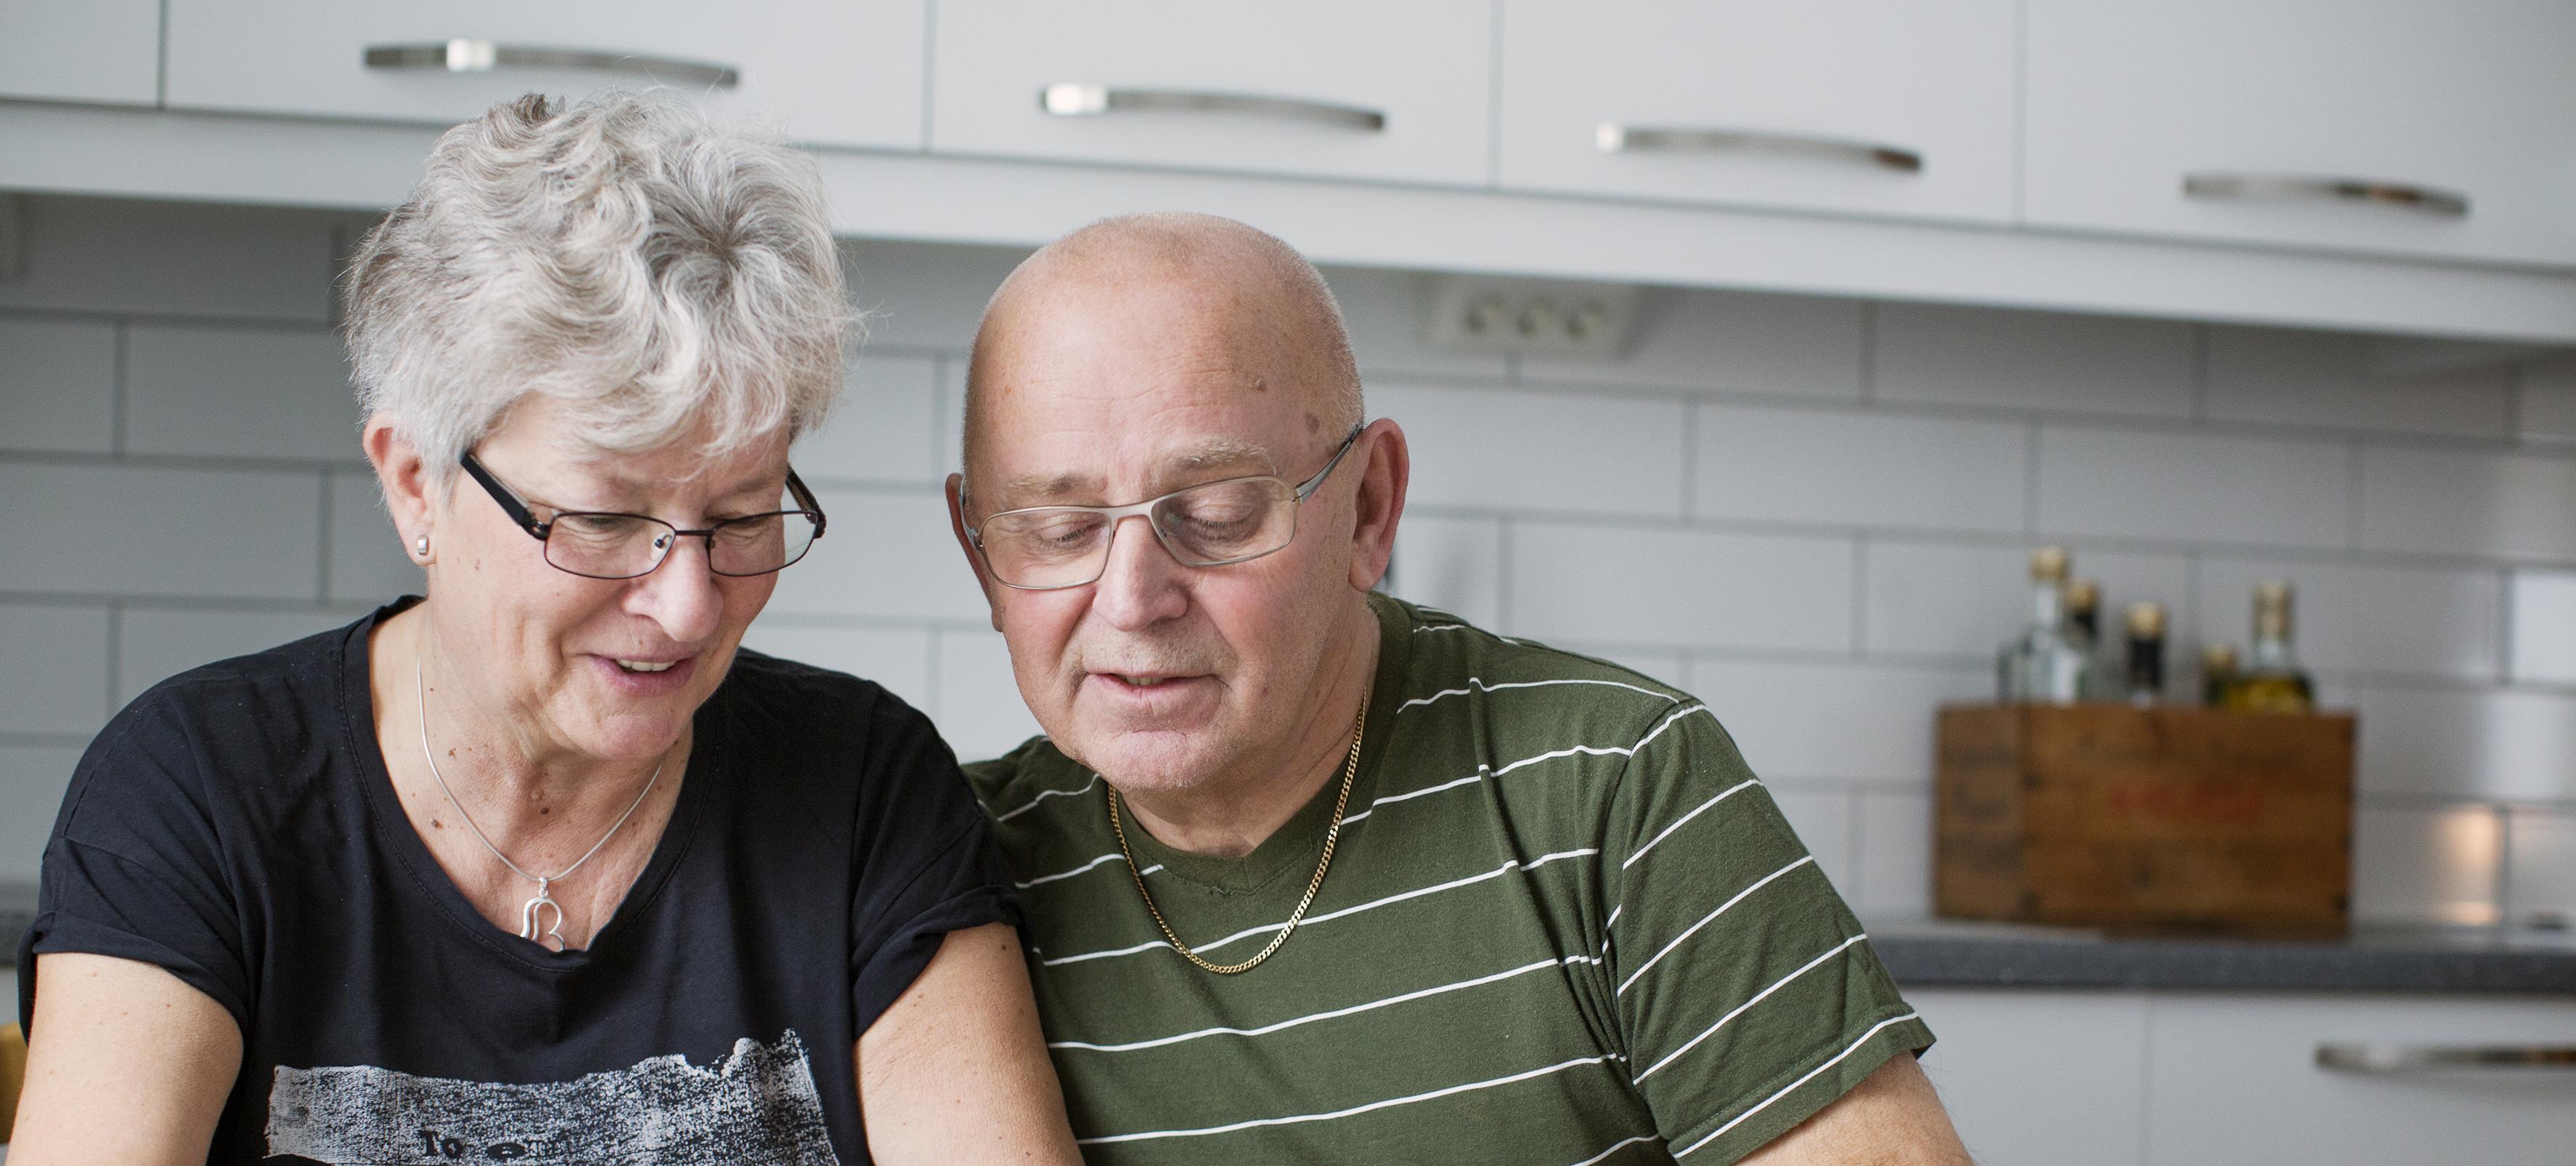 Äldre man och kvinna i kök